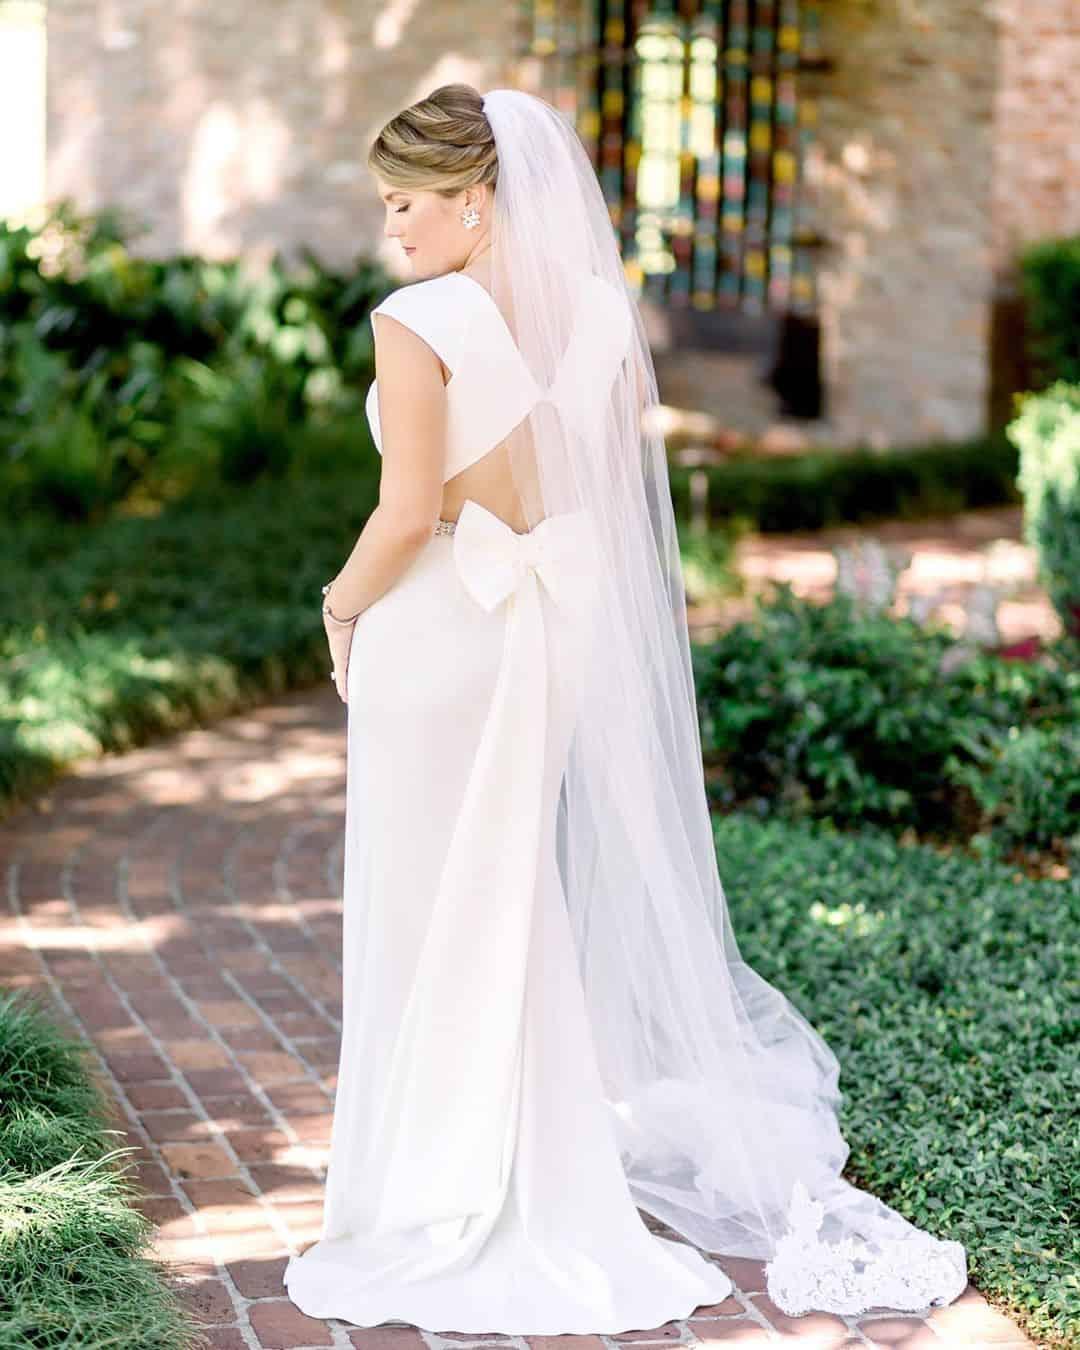 Os 12 melhores vestidos de noiva 2020: Vestidos de noiva elegantes e requintadosOs 12 melhores vestidos de noiva 2020: Vestidos de noiva elegantes e requintados